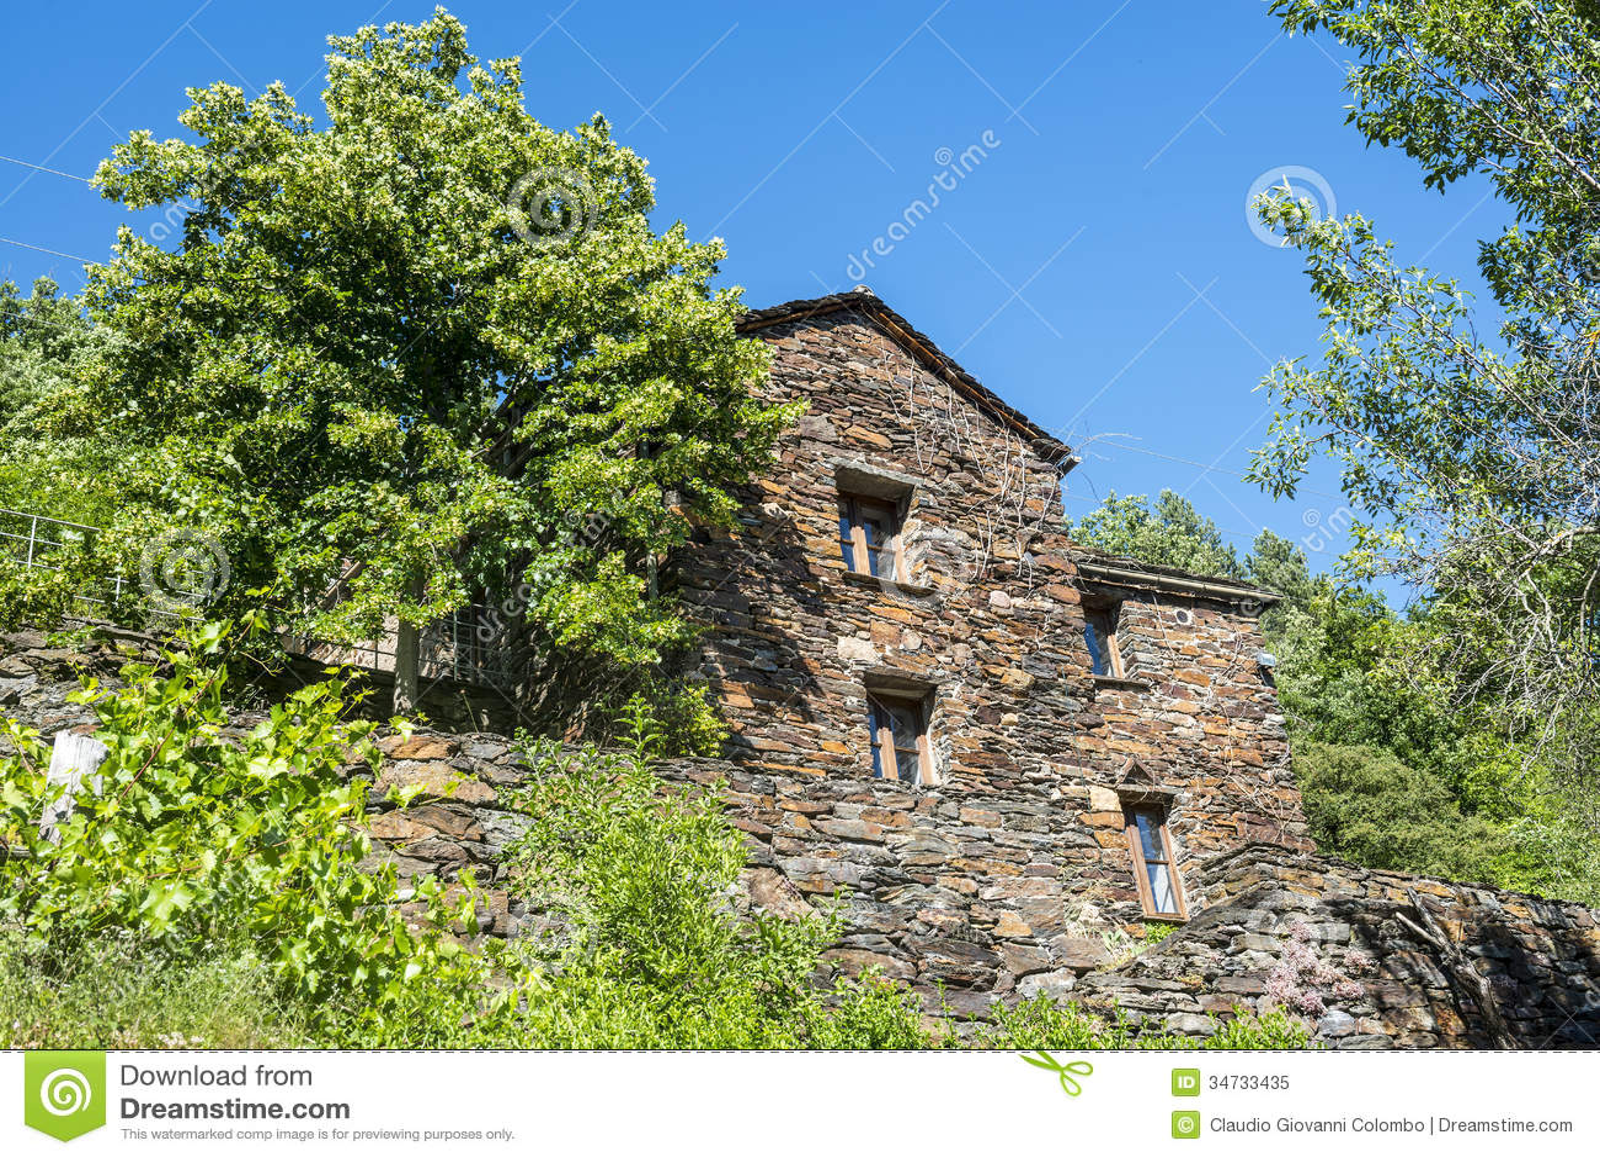 Cevennes vieille maison typique image stock image du for Exterieur vieille maison